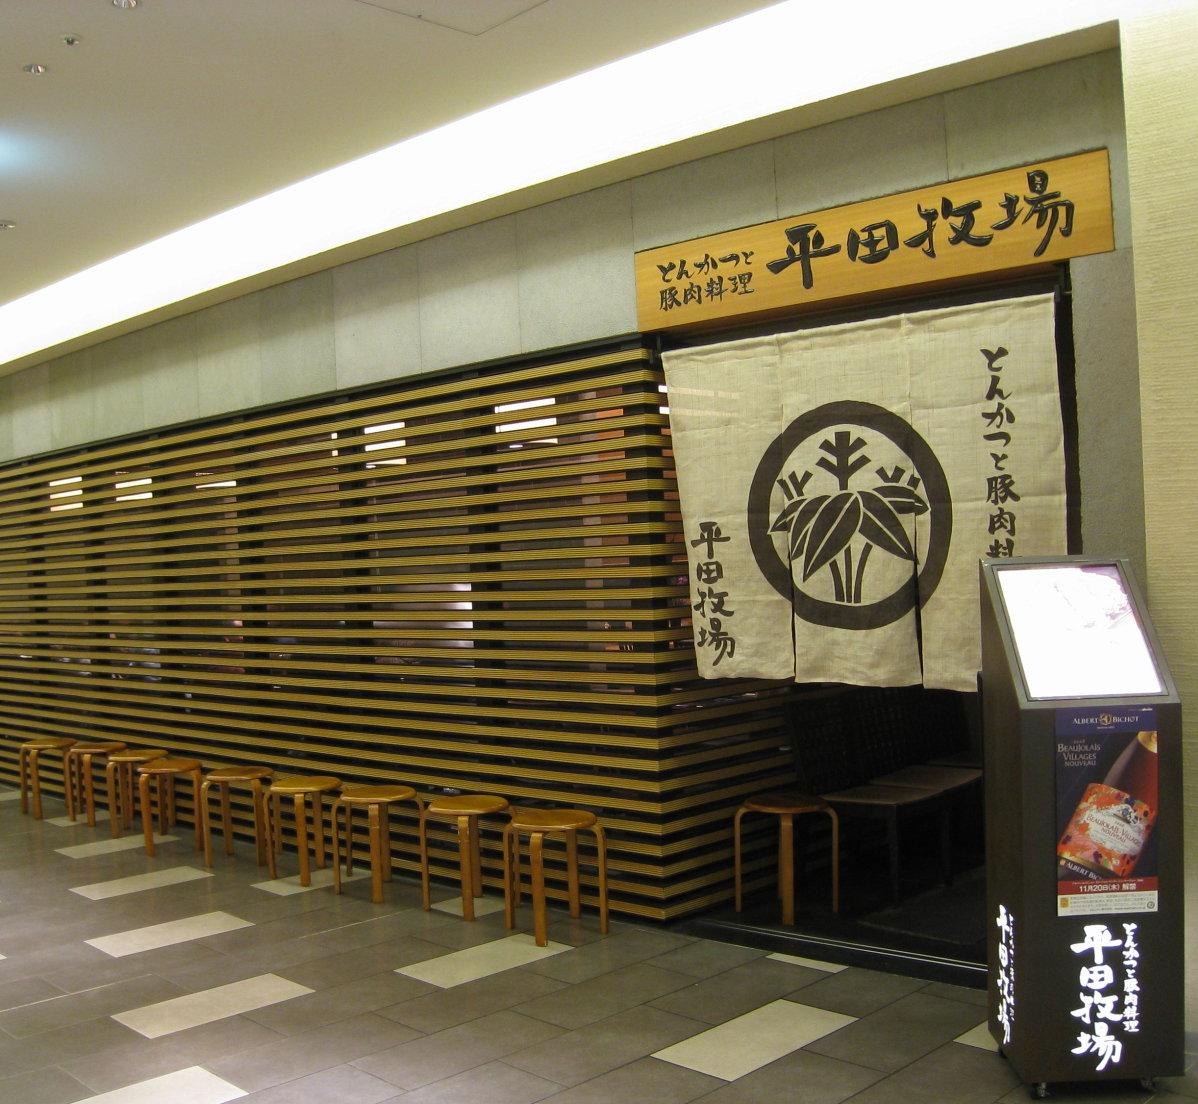 日本橋ディナー とんかつと豚肉料理 平田牧場 金華豚棒ヒレかつ膳_b0133053_4201711.jpg